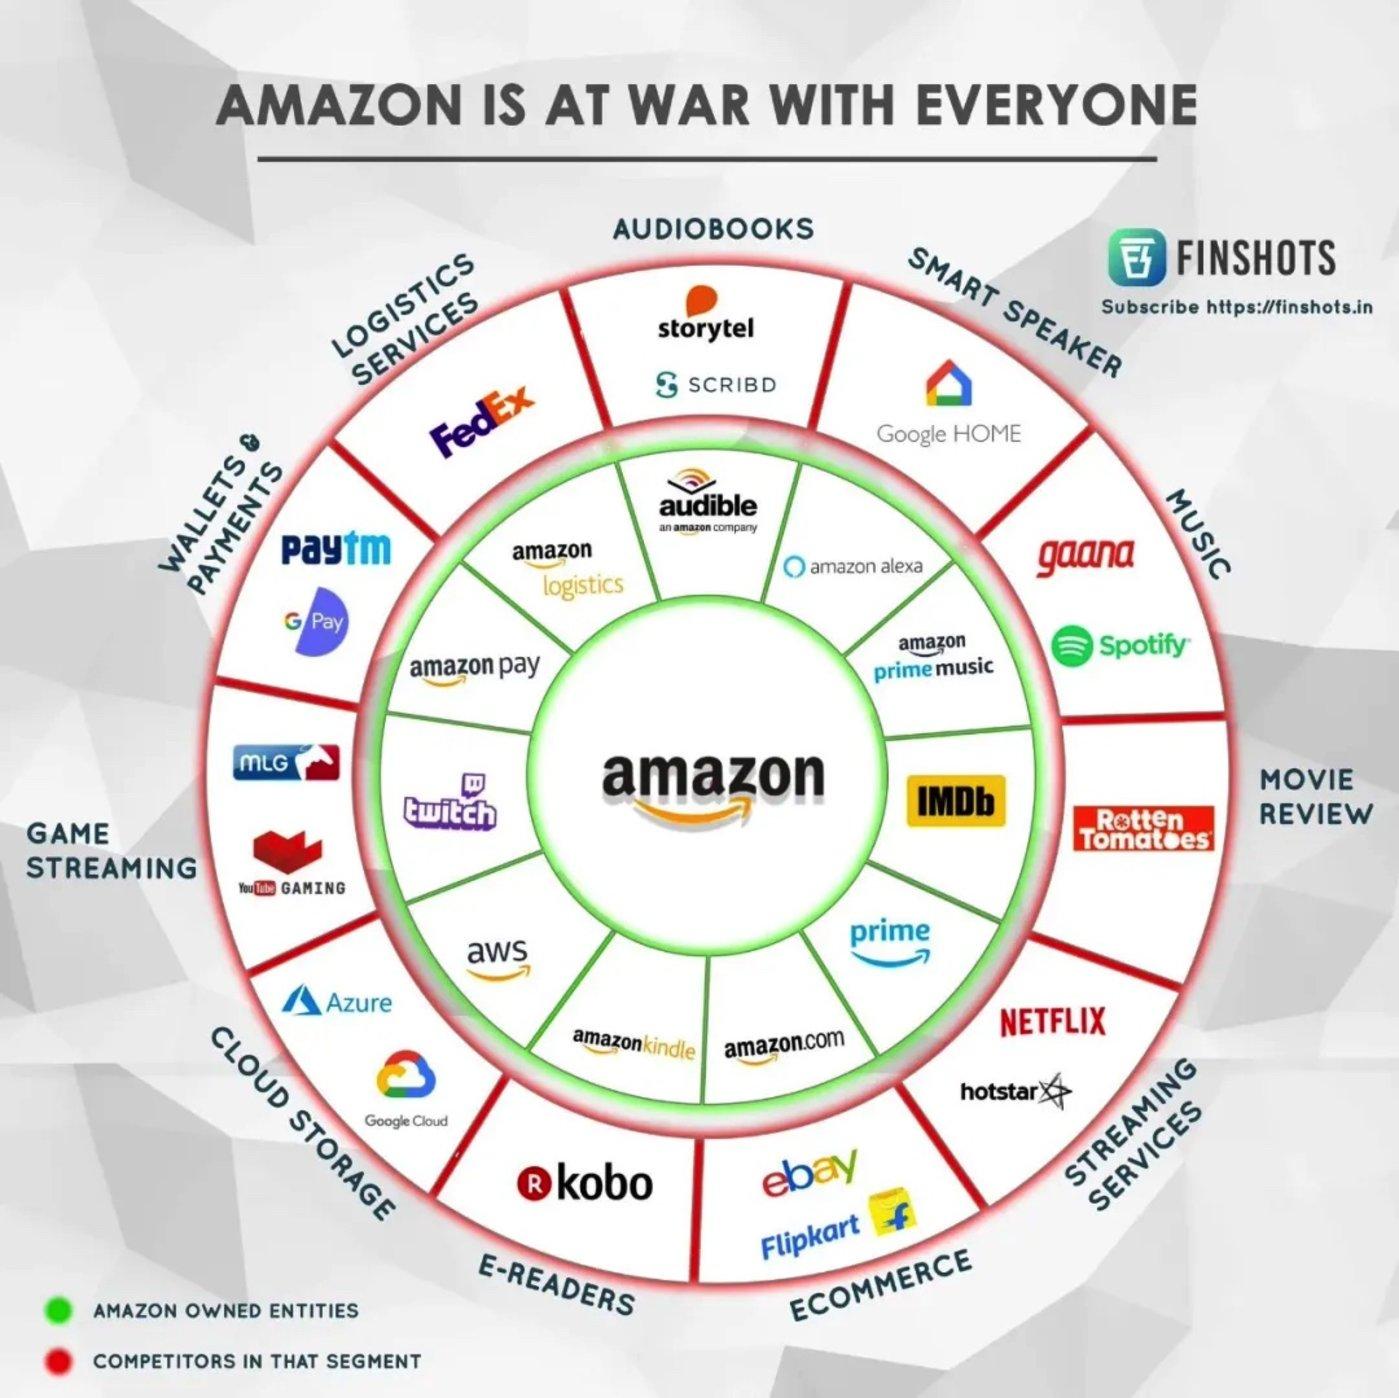 家大业大的亚马逊,已经逐渐形成了业务的「生态闭环」 图:FINSHOTS